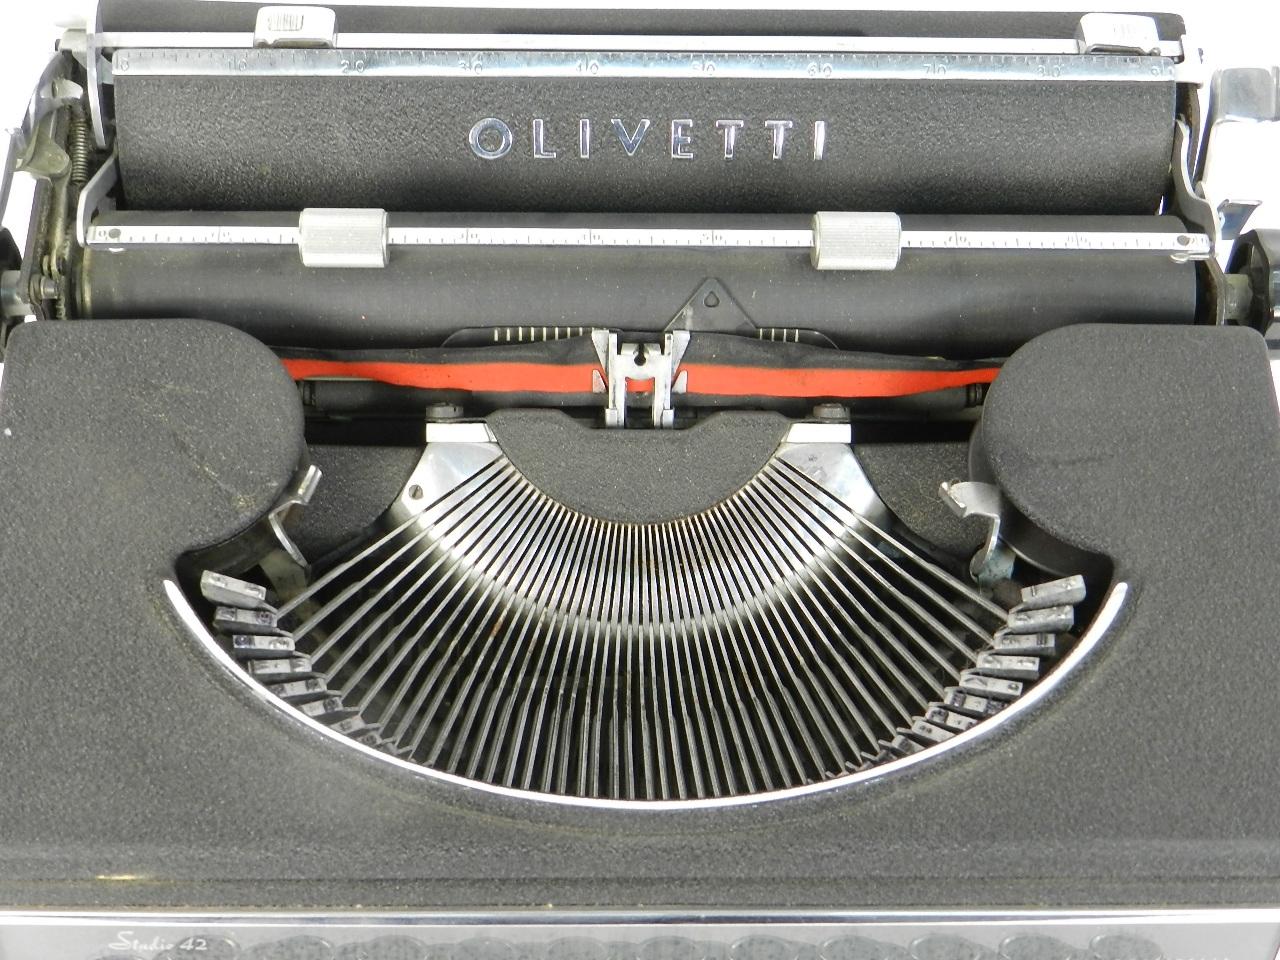 Imagen OLIVETTI STUDIO 42 31641